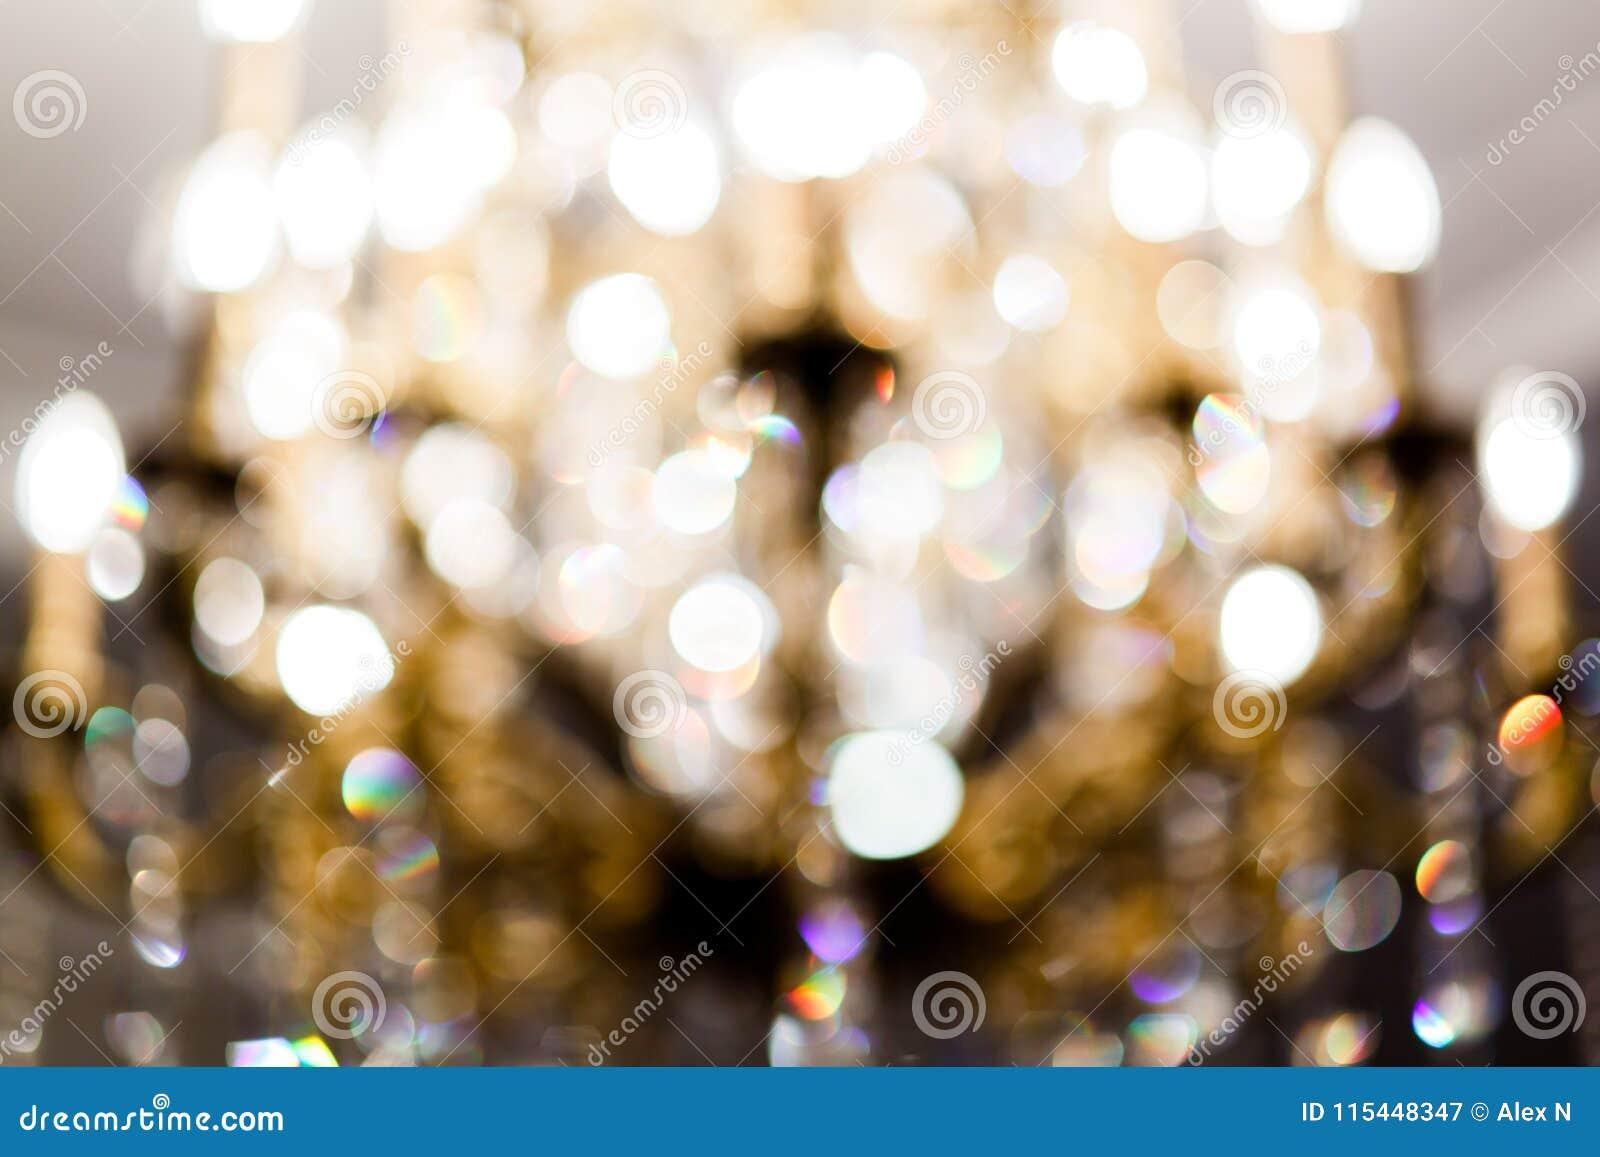 Запачканное фото абстракции, желтые пятна